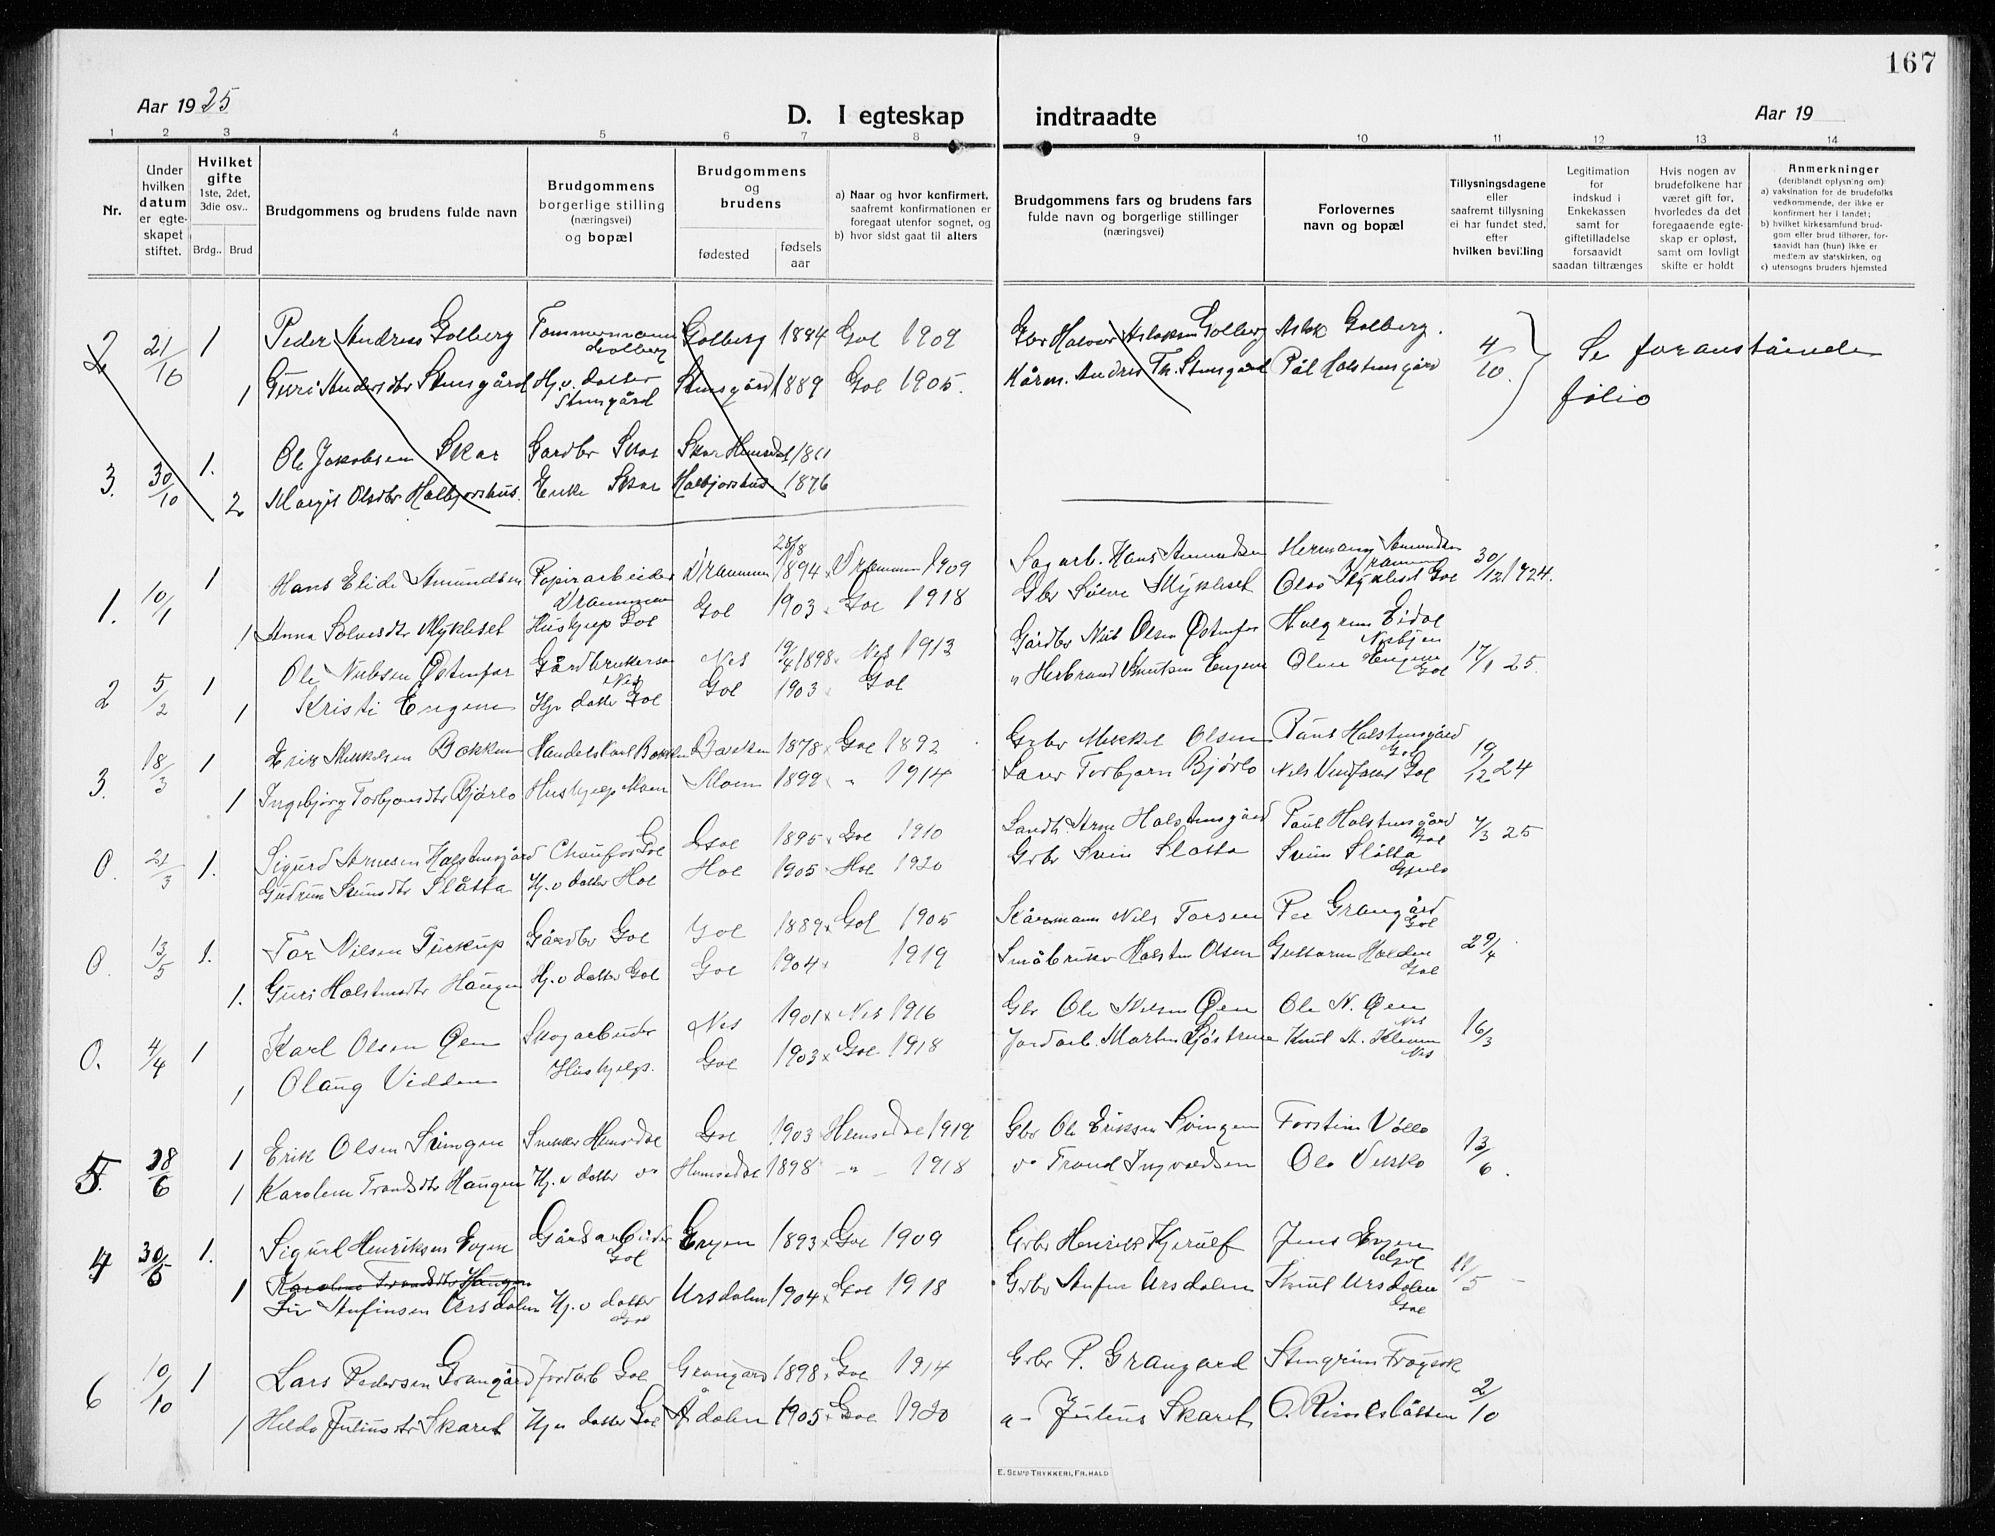 SAKO, Gol kirkebøker, G/Ga/L0004: Klokkerbok nr. I 4, 1915-1943, s. 167